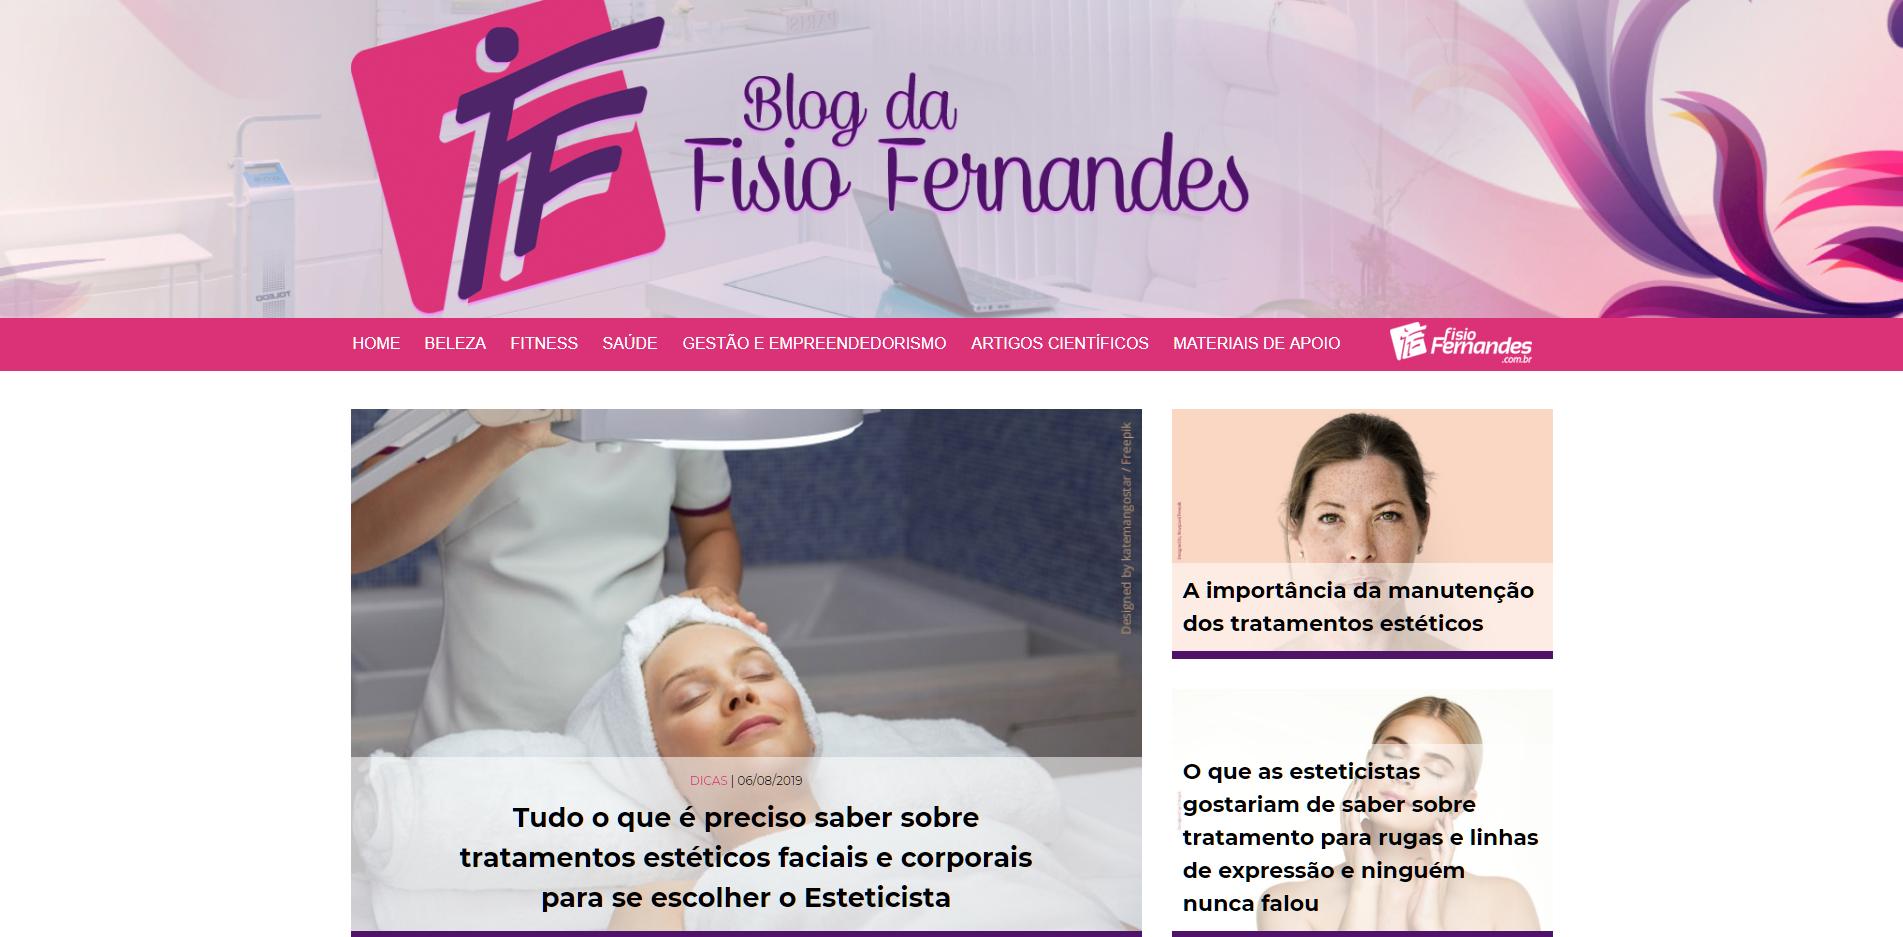 Blog da Fisio Fernandes